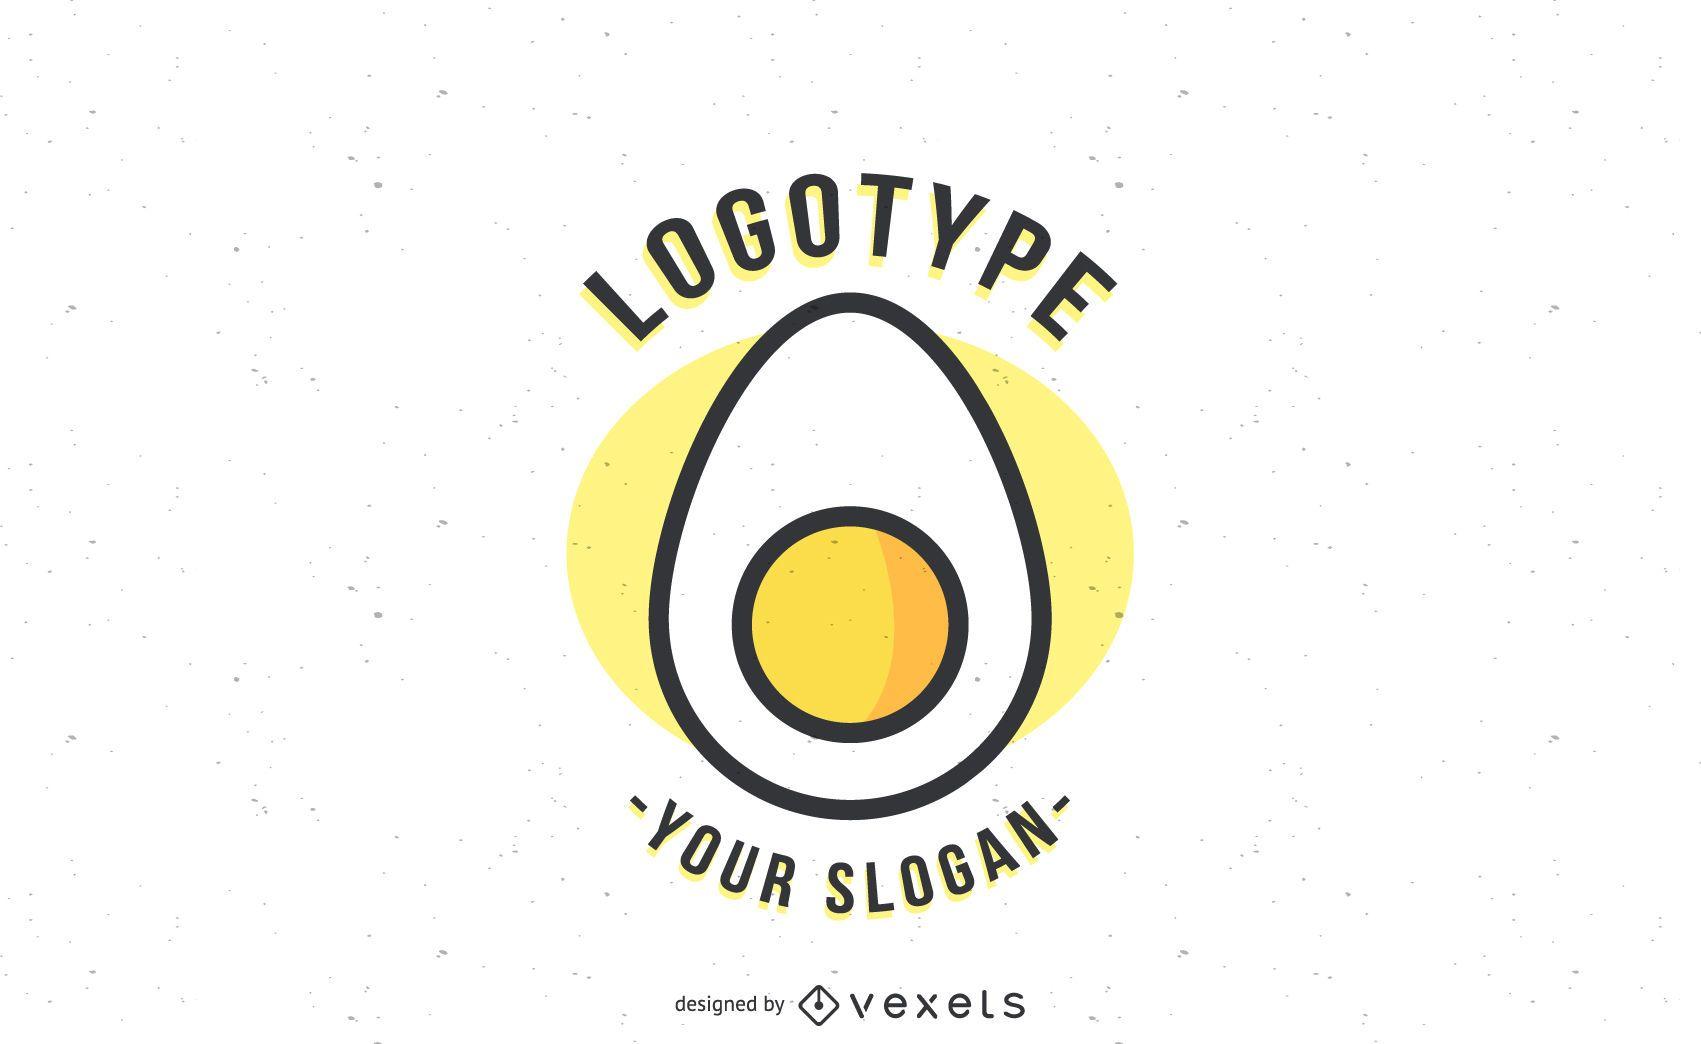 Logotipo de plantilla de logotipo de huevo - Descargar vector